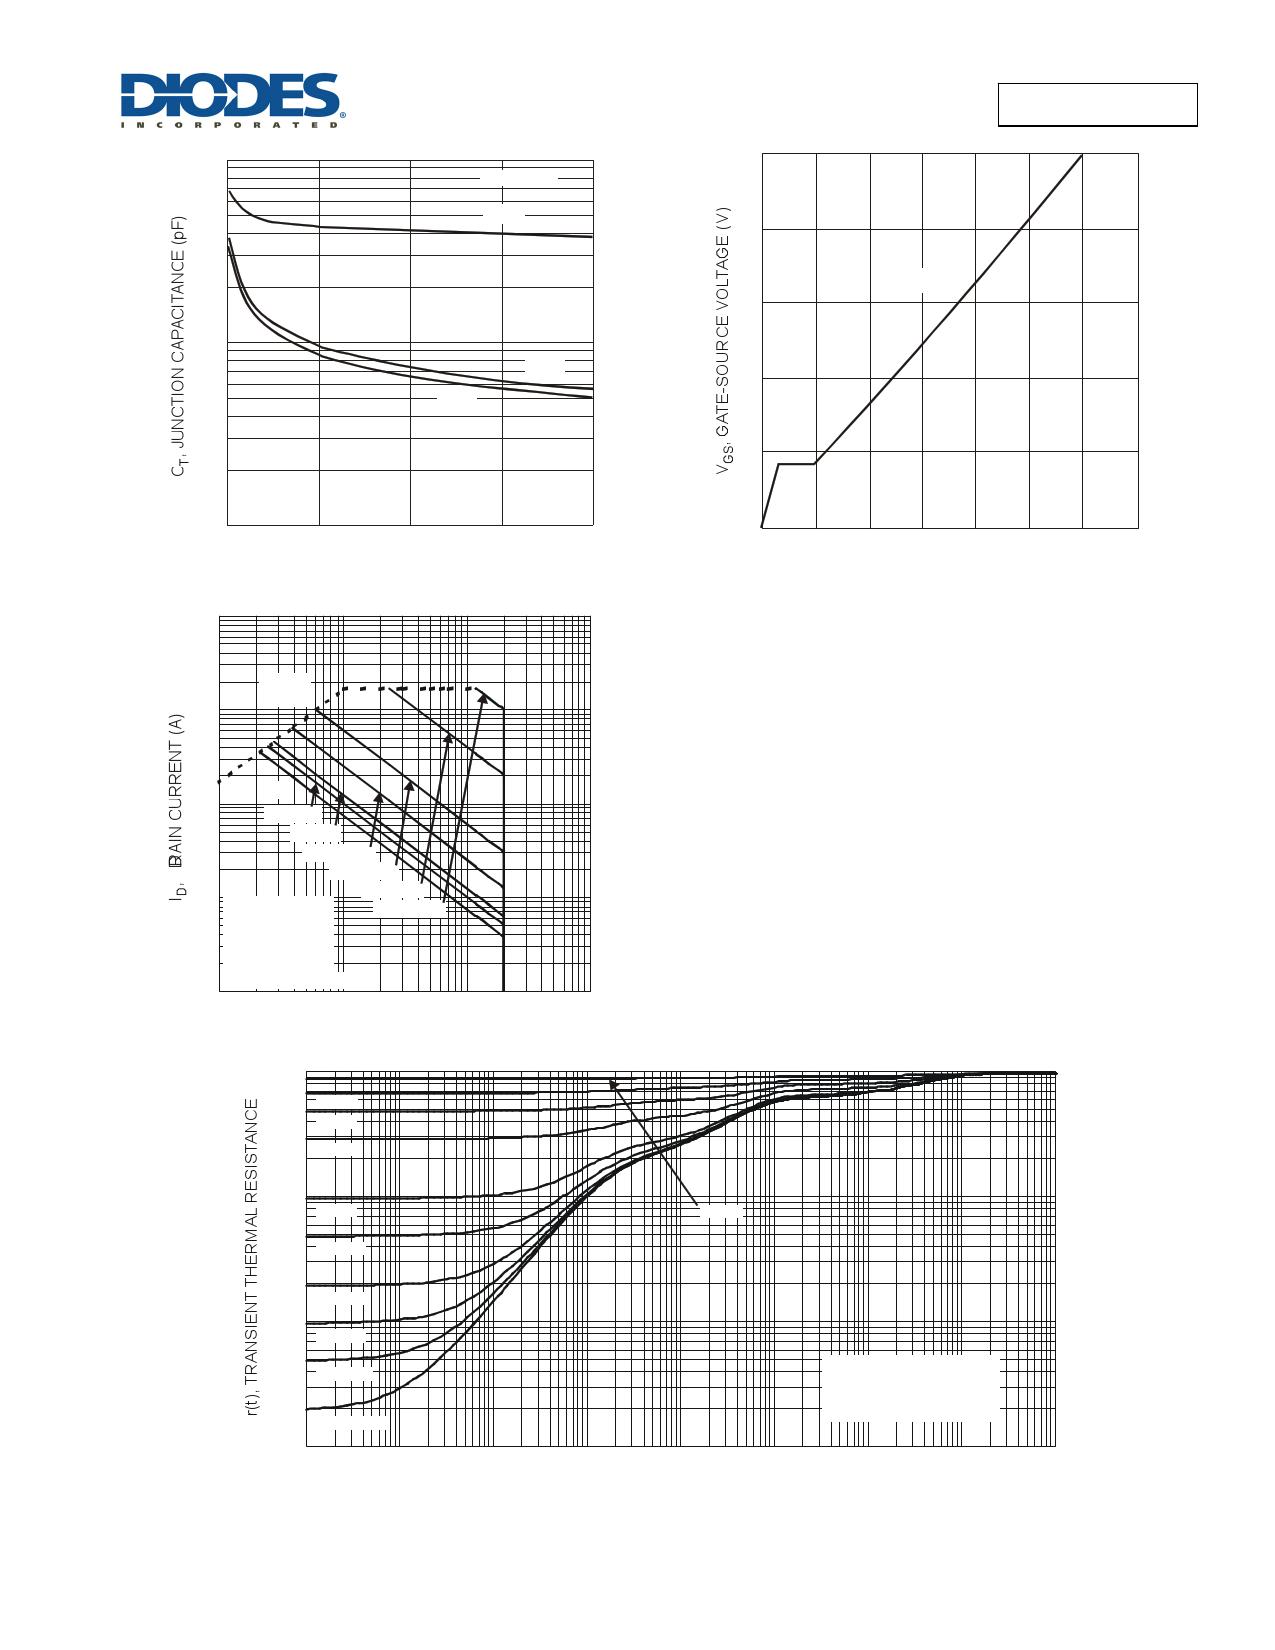 DMC2038LVT pdf